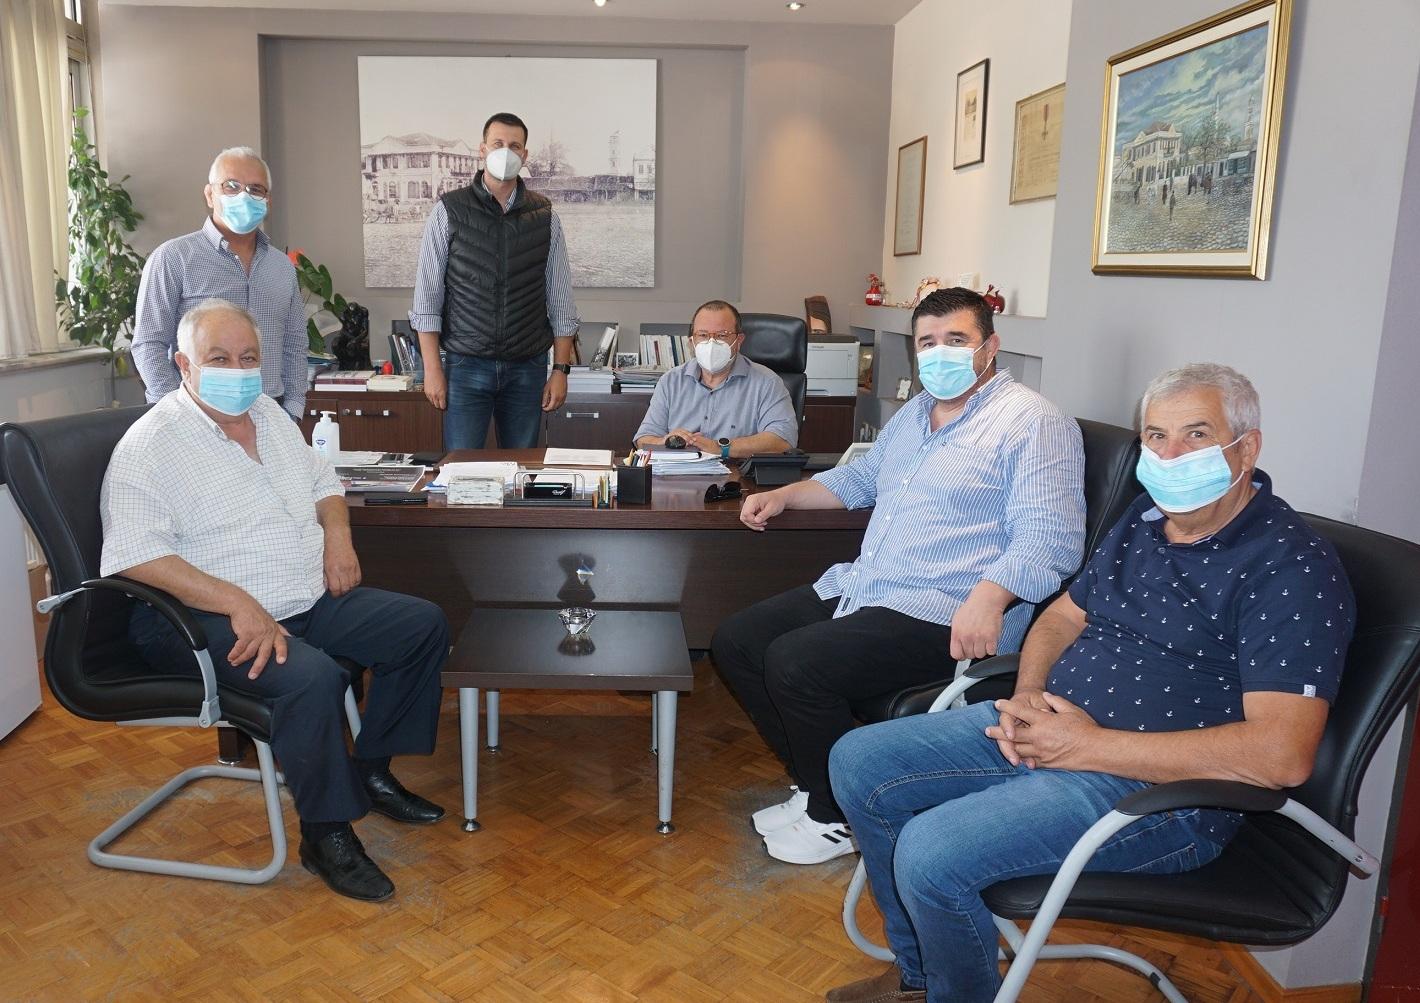 Συνεργασία του Δήμου Κομοτηνής με την Ελληνική Ομοσπονδία Πάλης